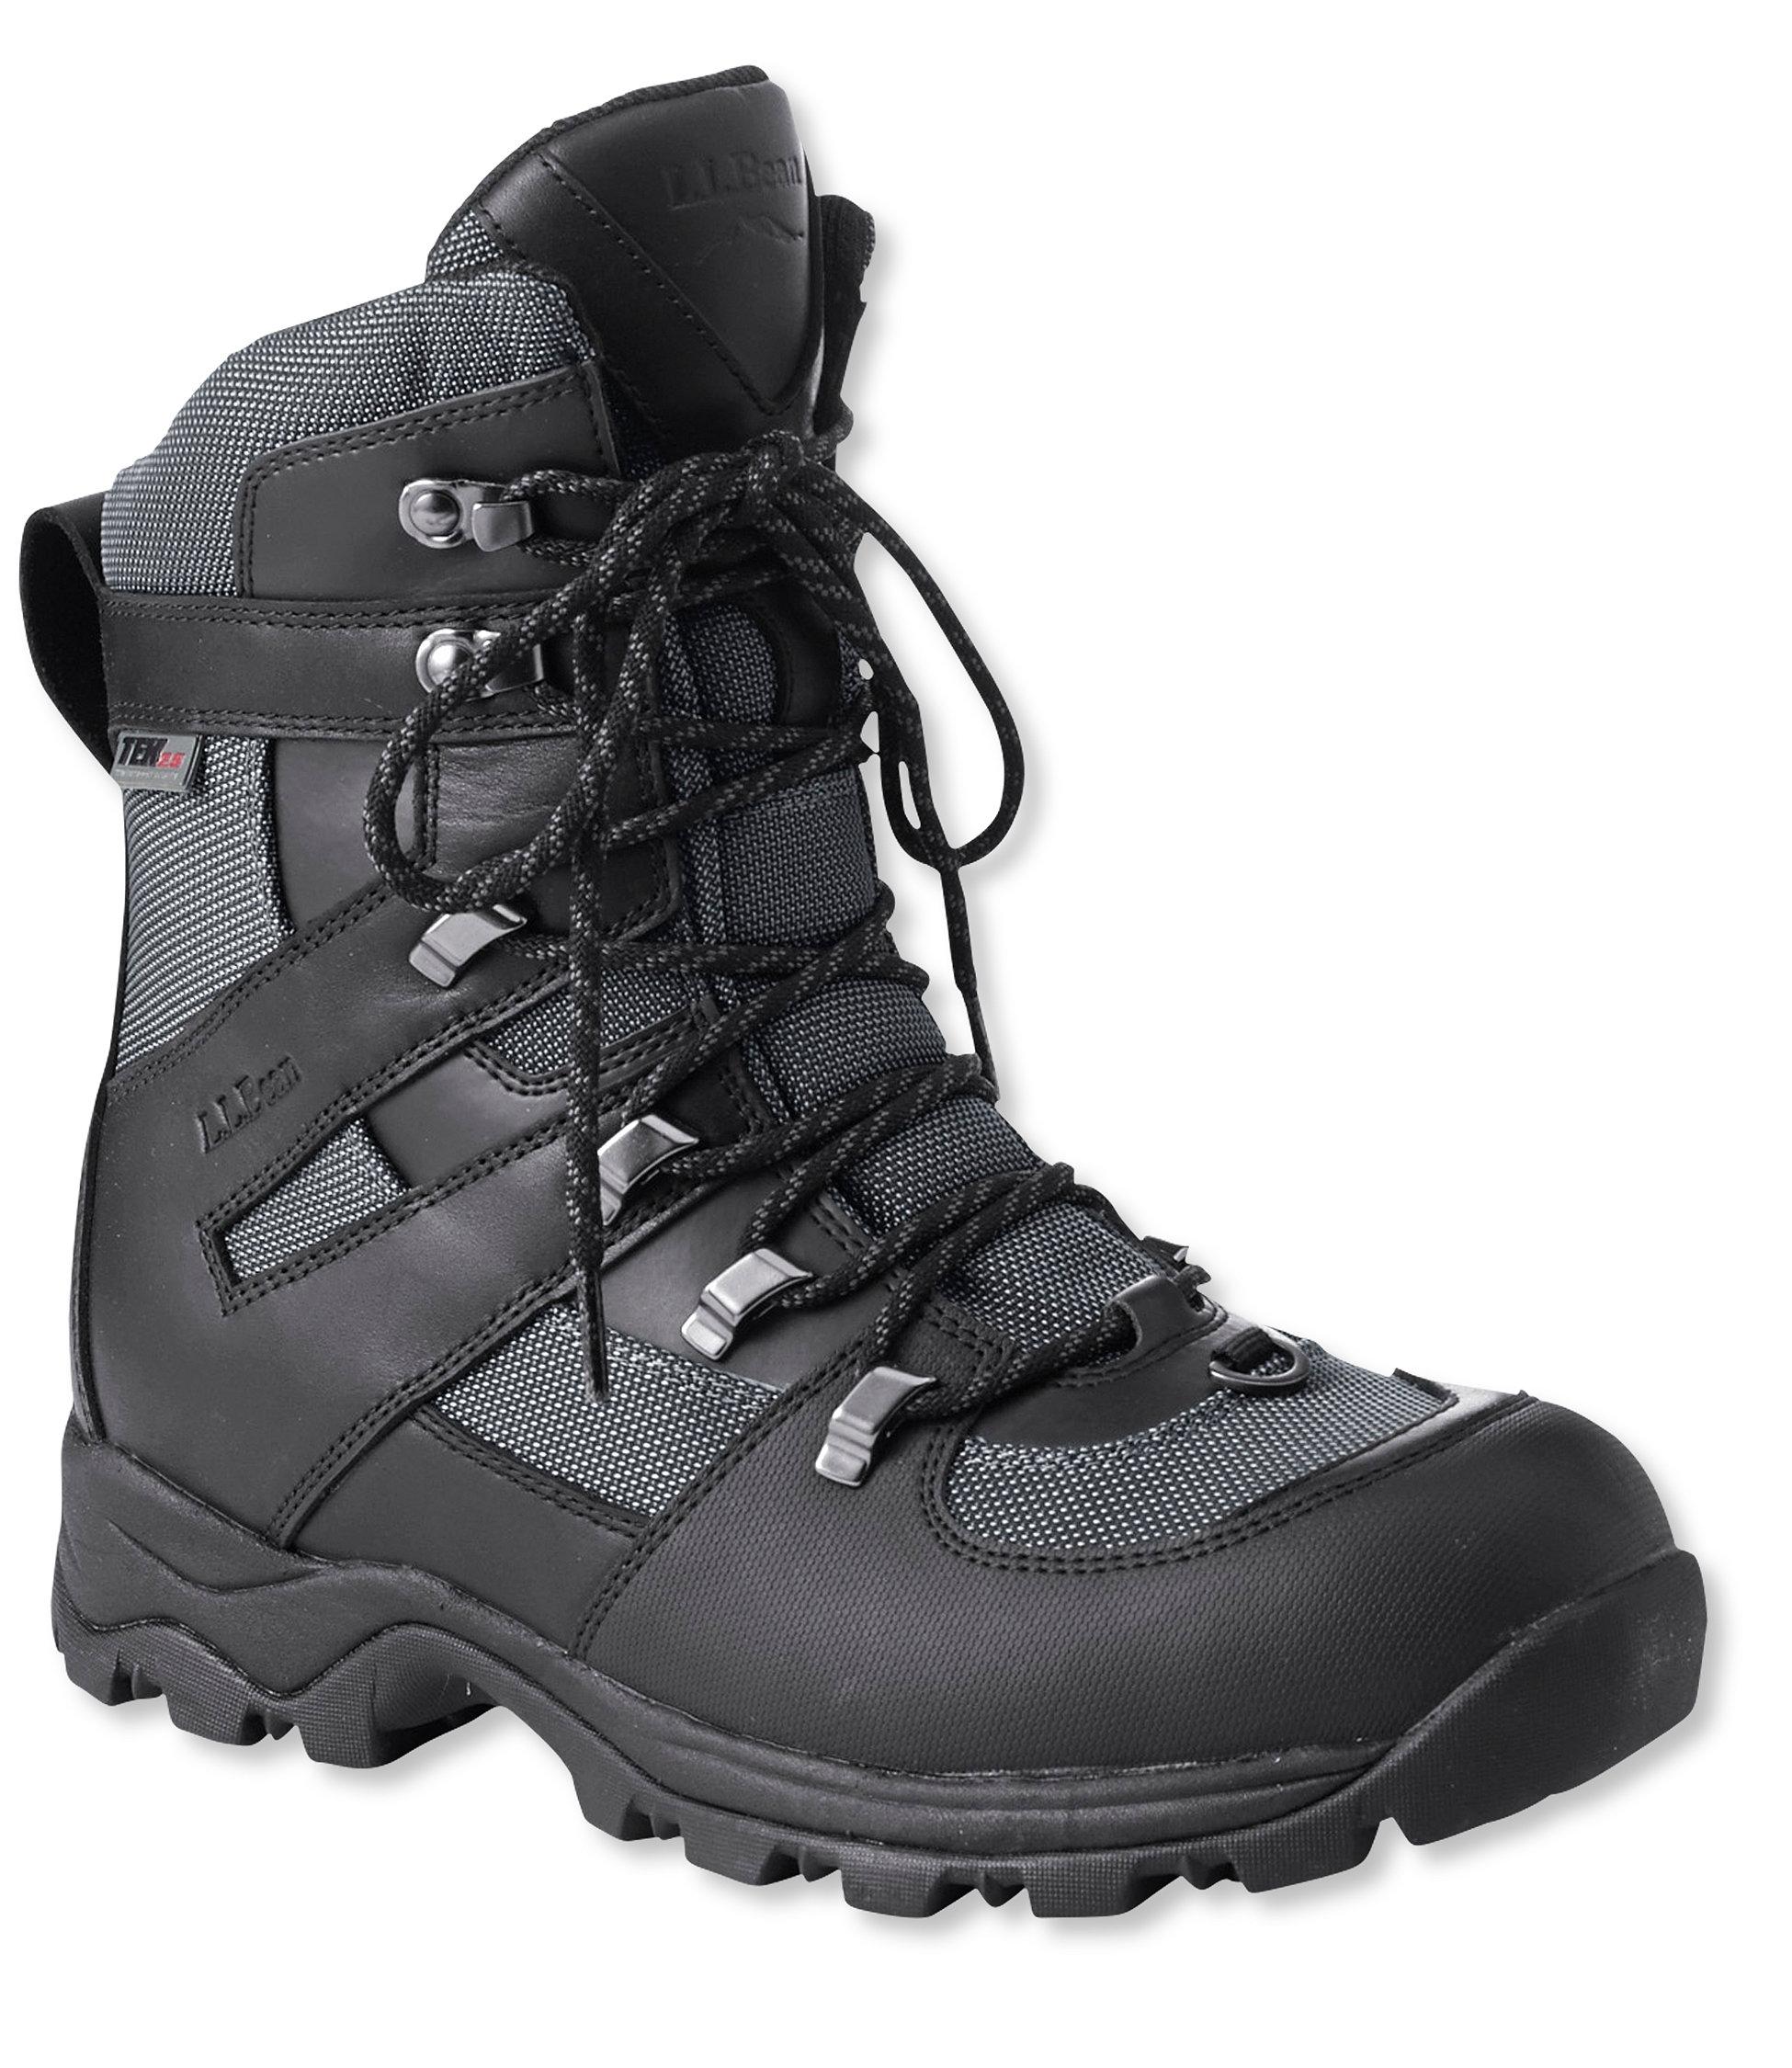 L.L.Bean Wildcat Boots, Lace-Up